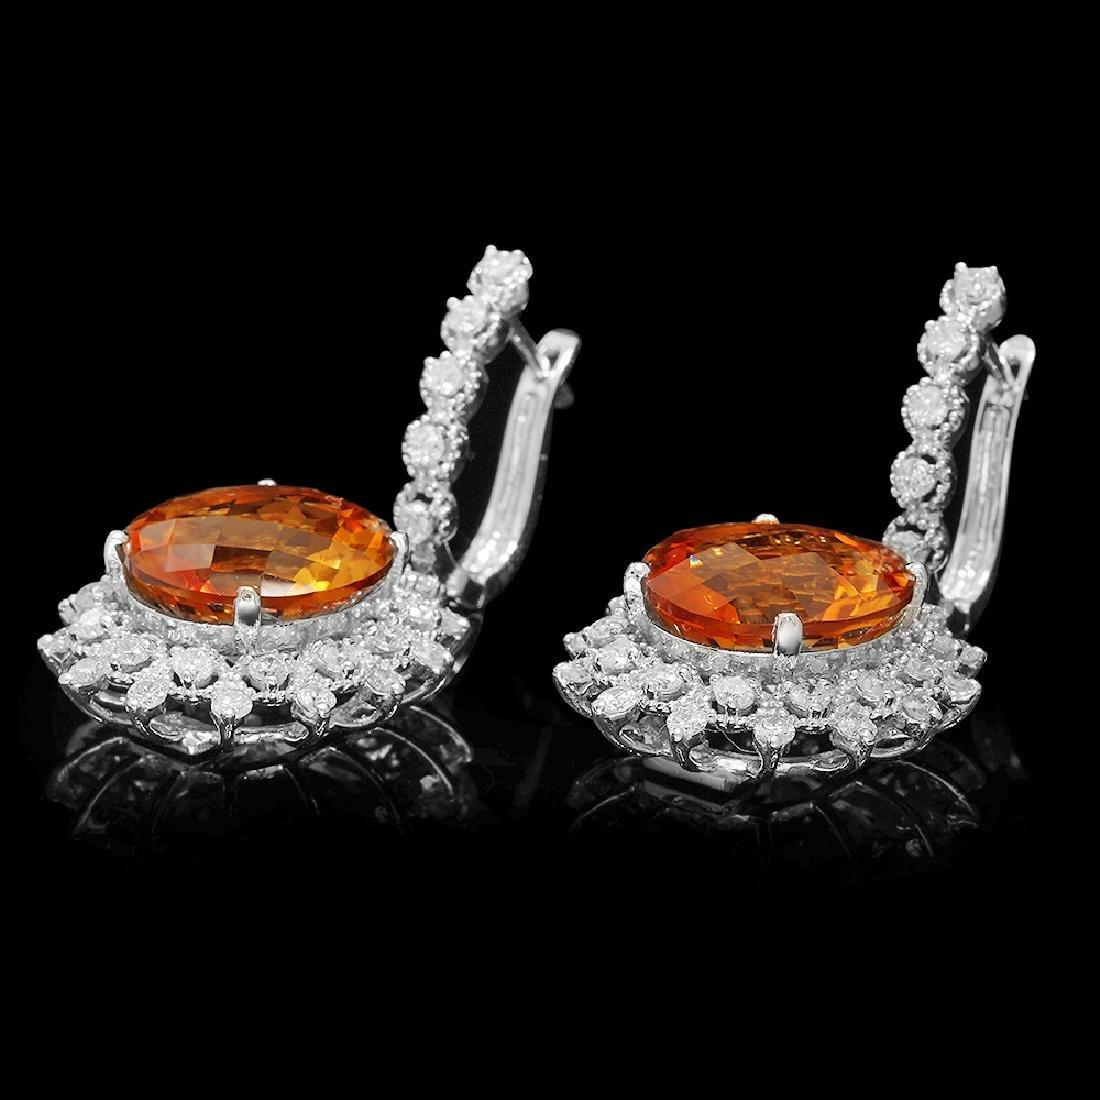 14K Gold 12.71ct Citrine 2.08ct Diamond Earrings - 2